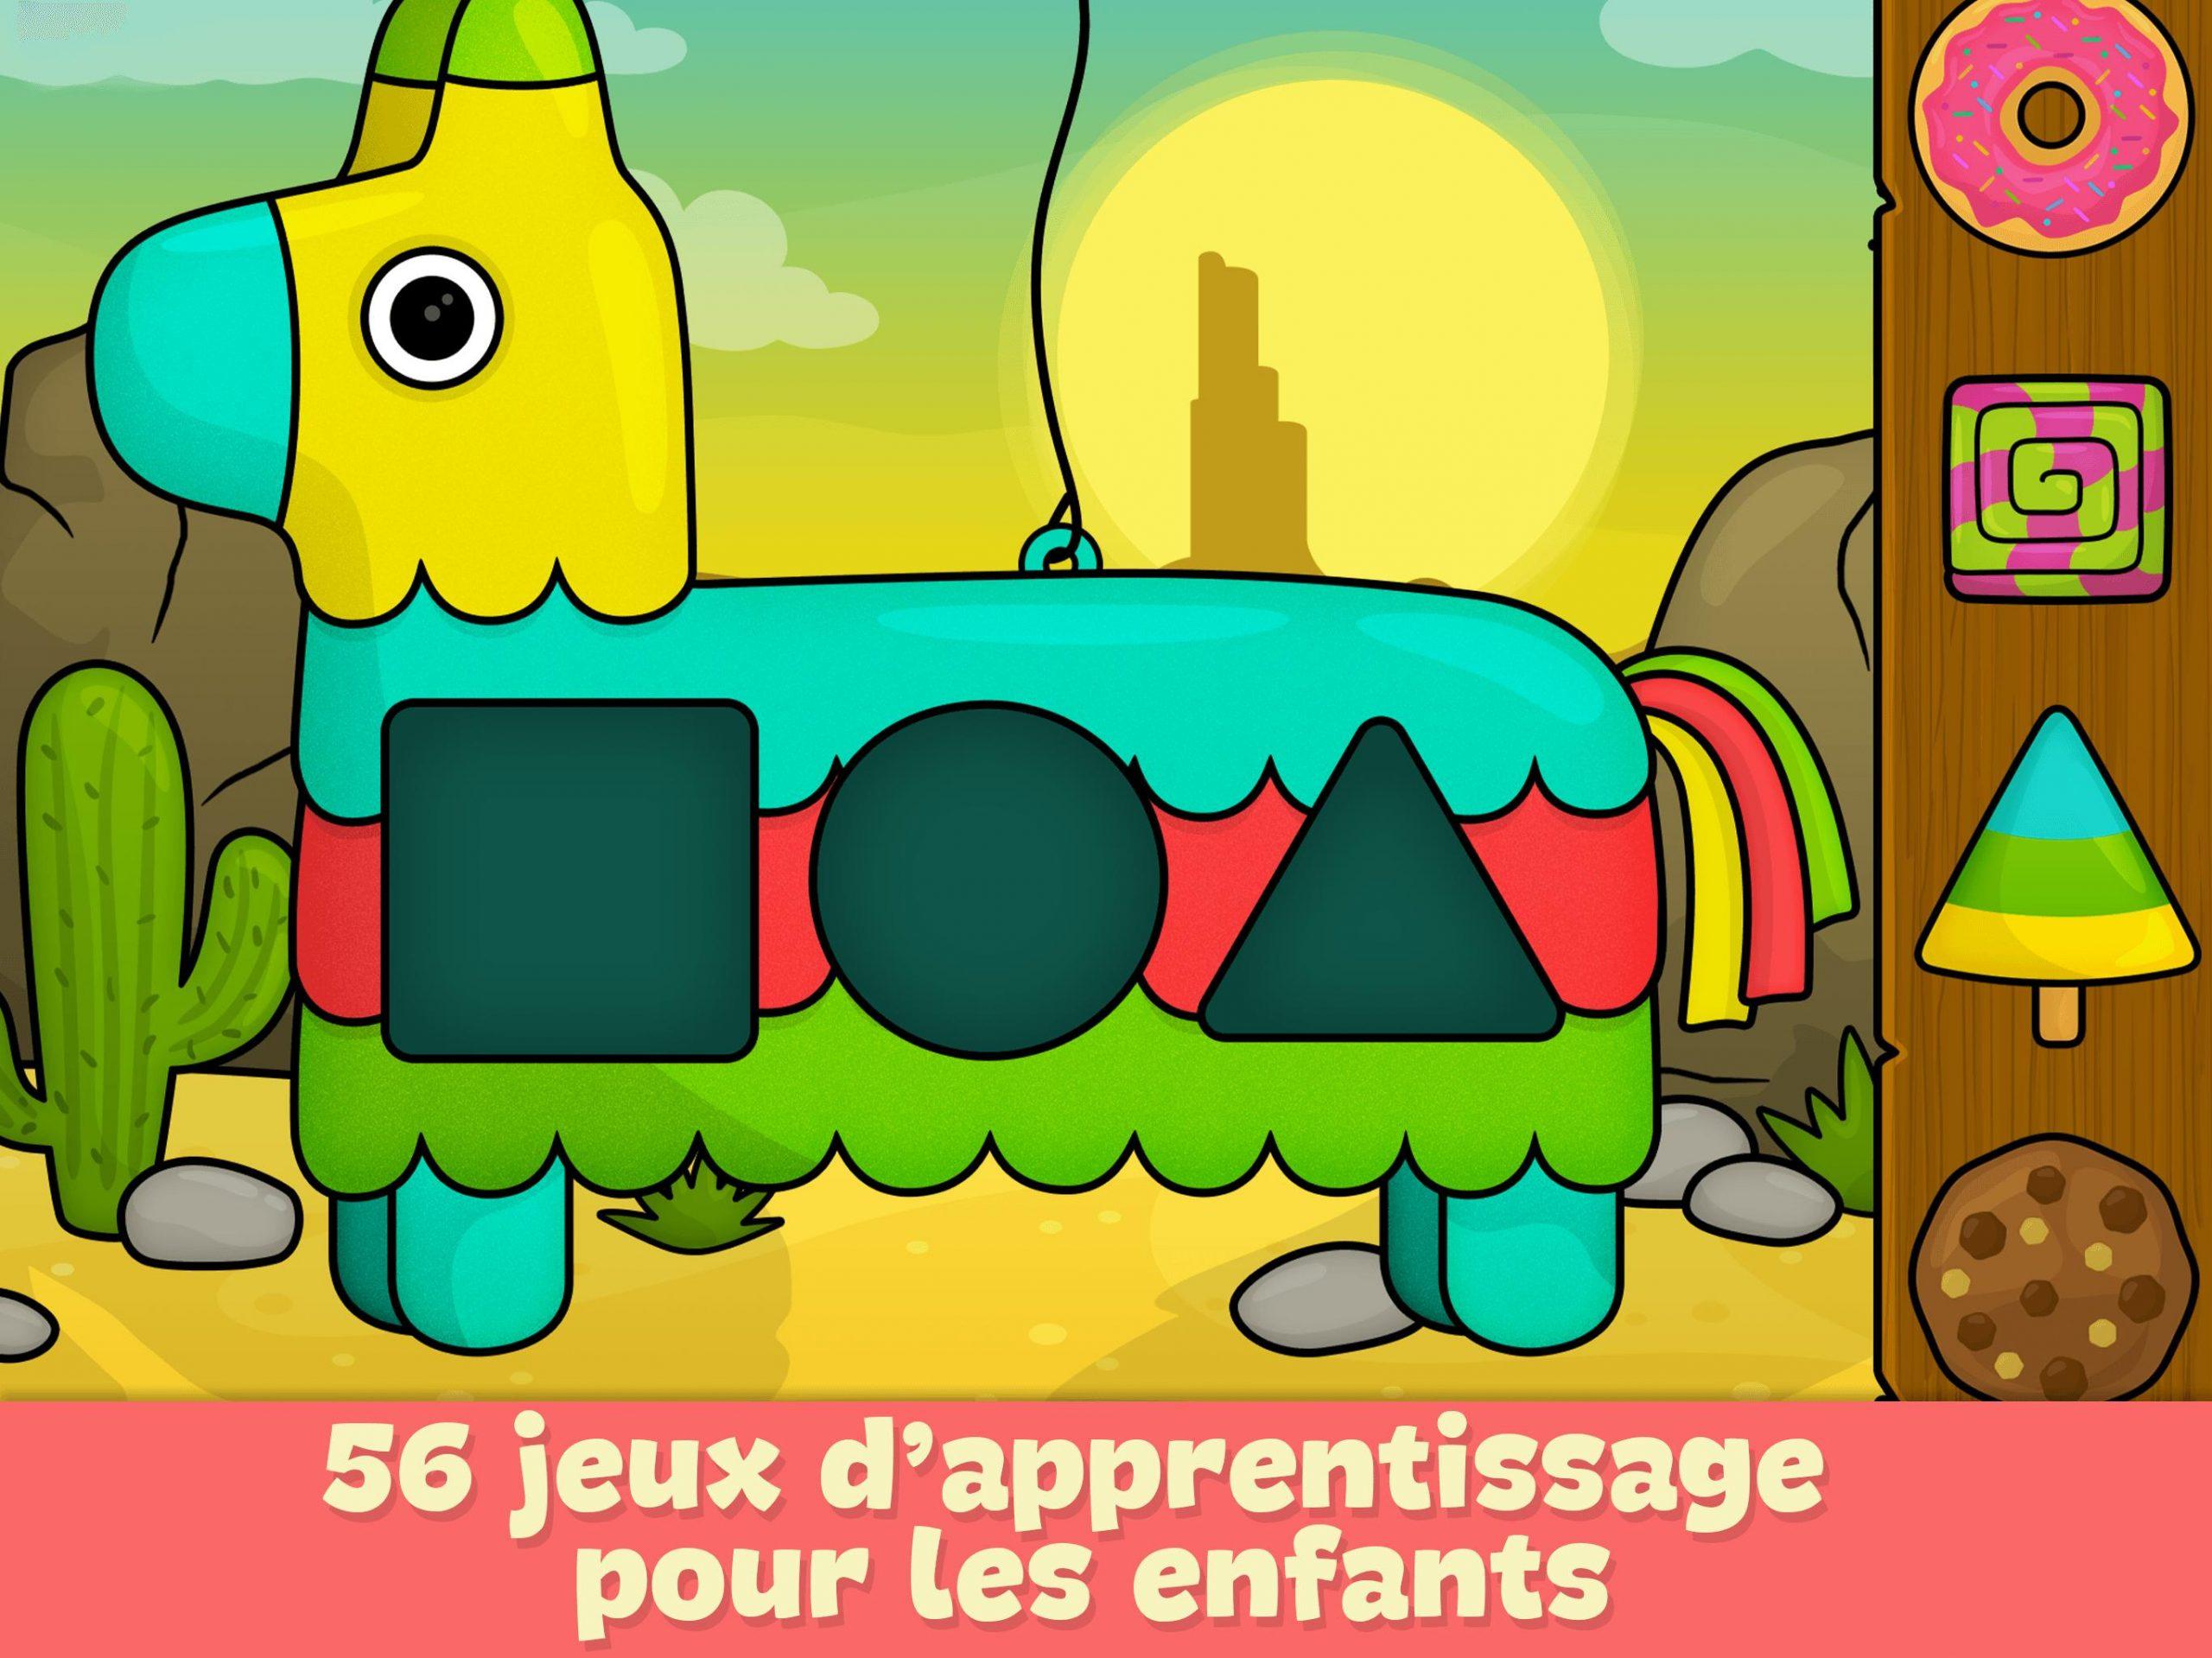 Jeux Pour Enfants 2 - 5 Ans Pour Android - Téléchargez L'apk avec Jeux Pour Garçon De 5 Ans